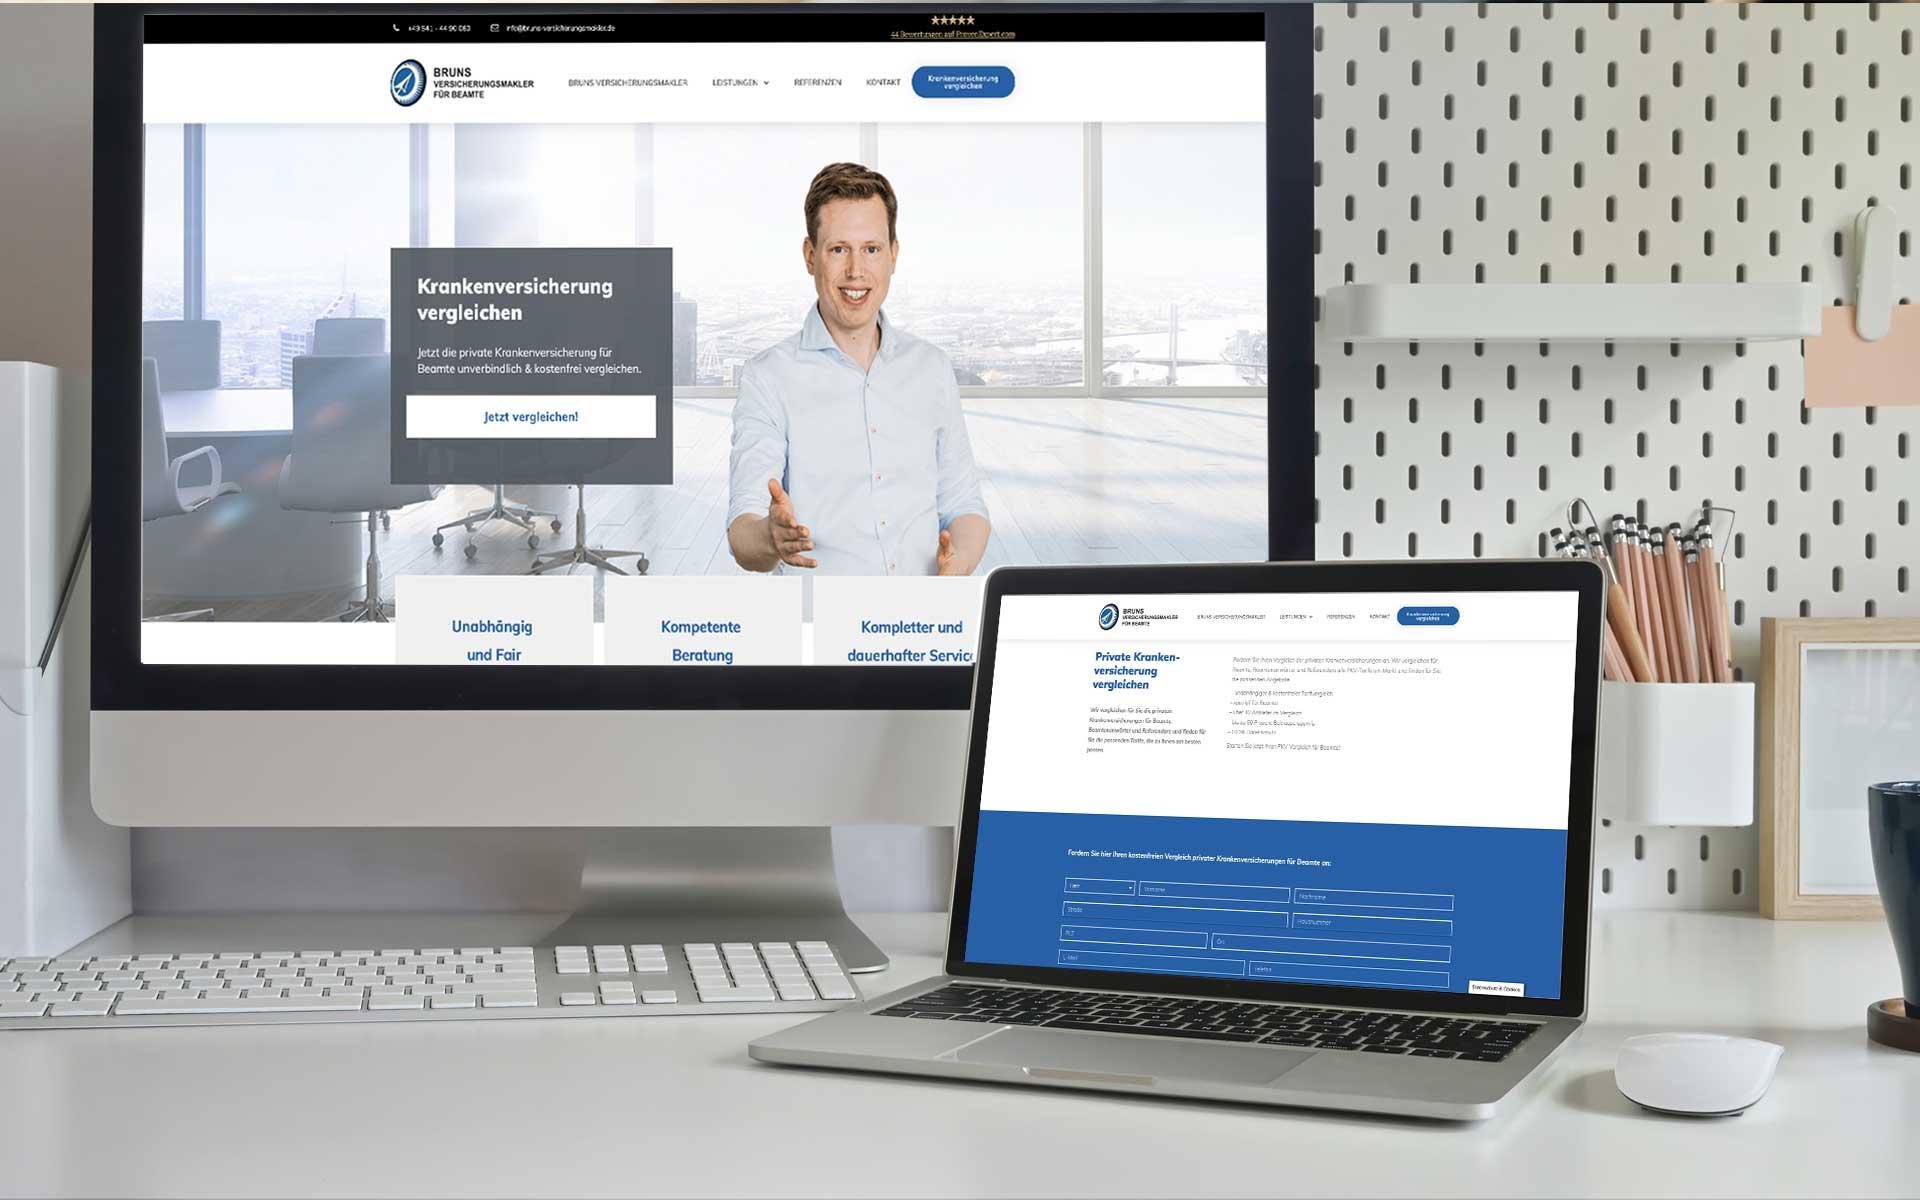 Bruns Versicherung gestaltet von team4media - Ihre Werbeagentur in Osnabrück